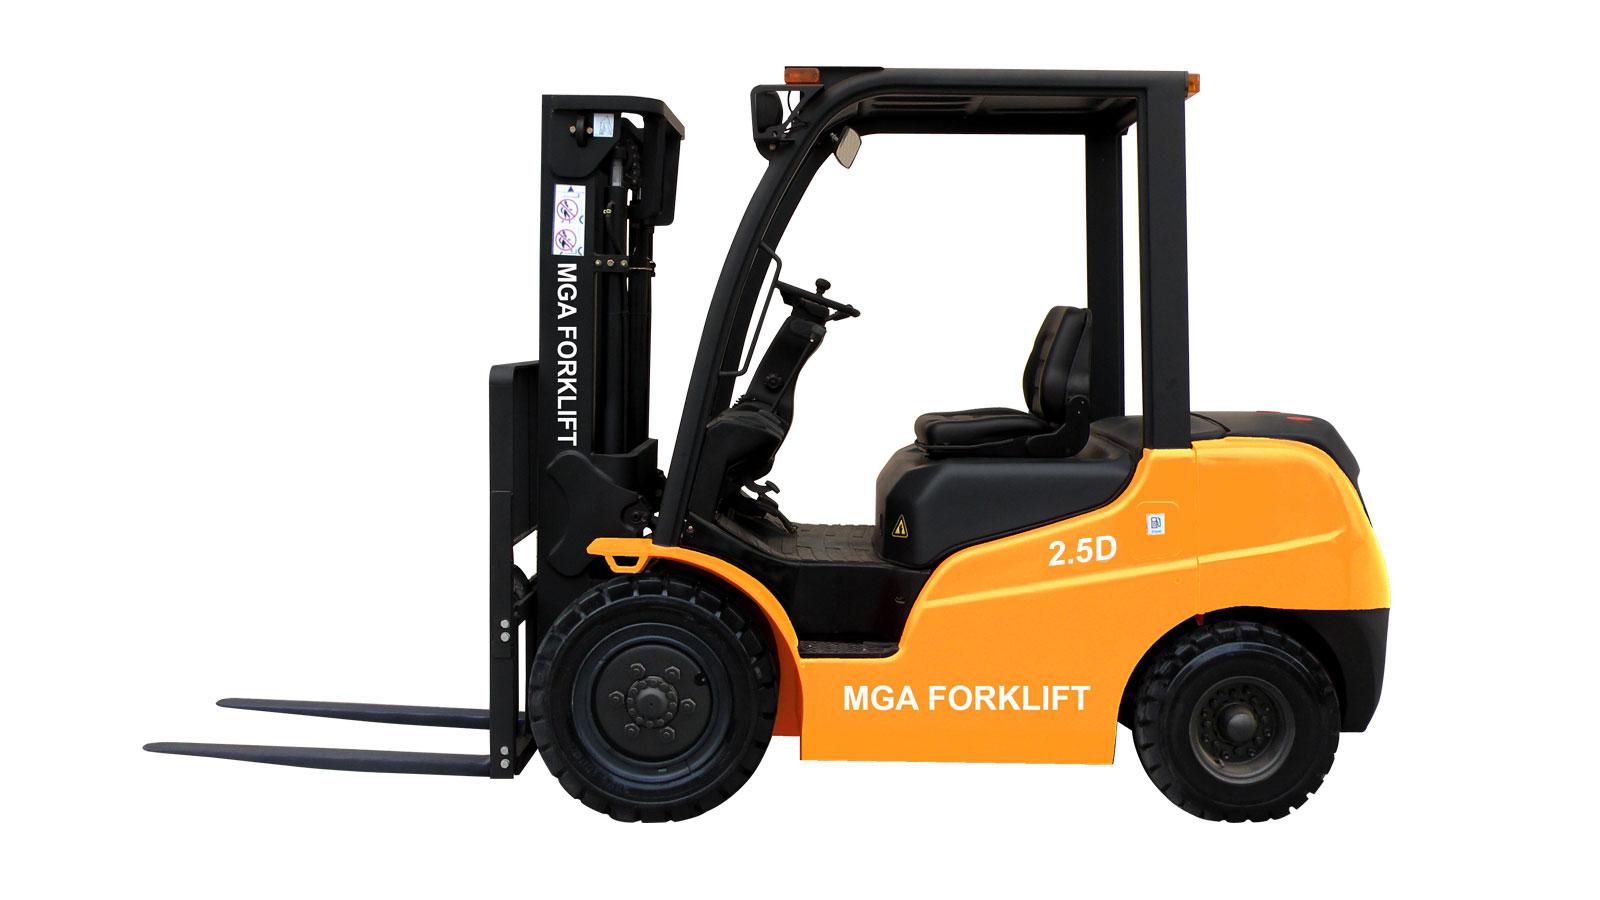 xe nâng dầu mga forklift 2.5 tấn